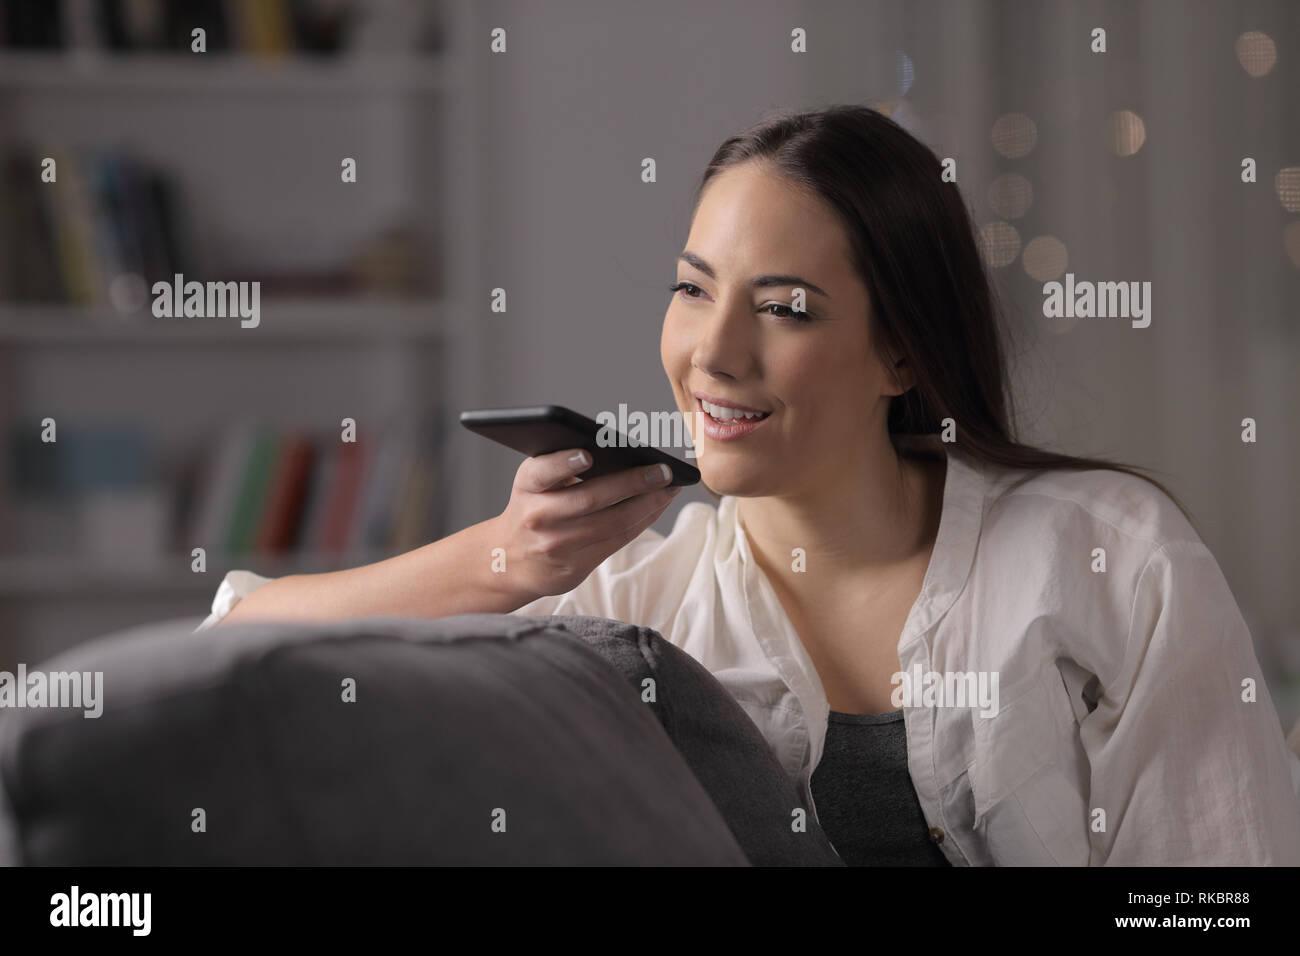 La femme de la nuit en utilisant la reconnaissance vocale téléphone assis sur un canapé dans la nuit à la maison Banque D'Images